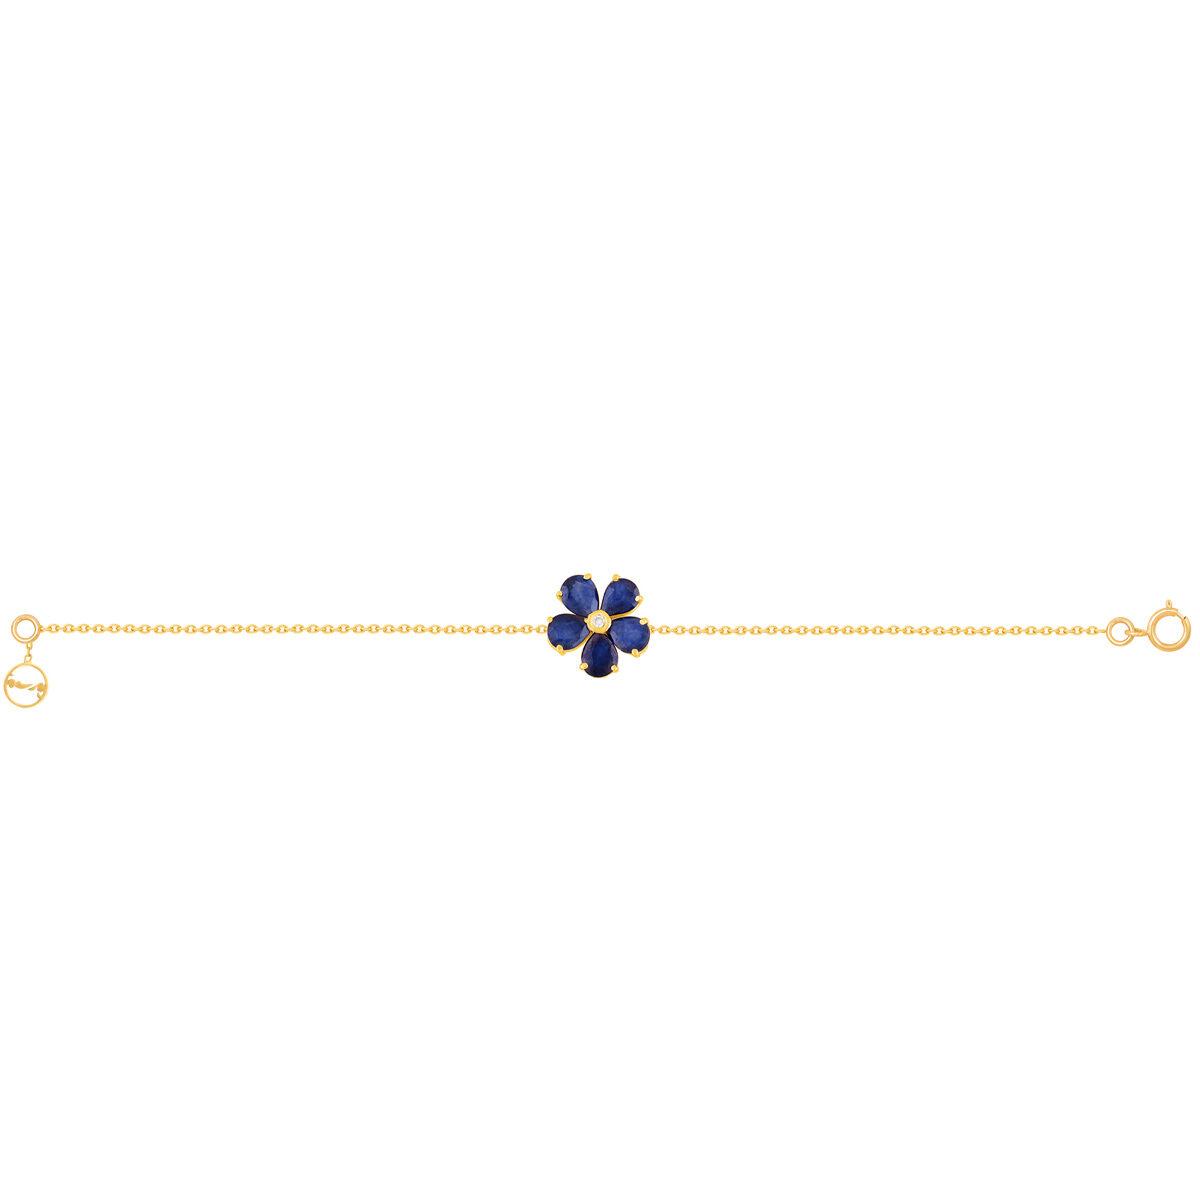 دستبند طلا MULTICOLOR یاقوت کبود